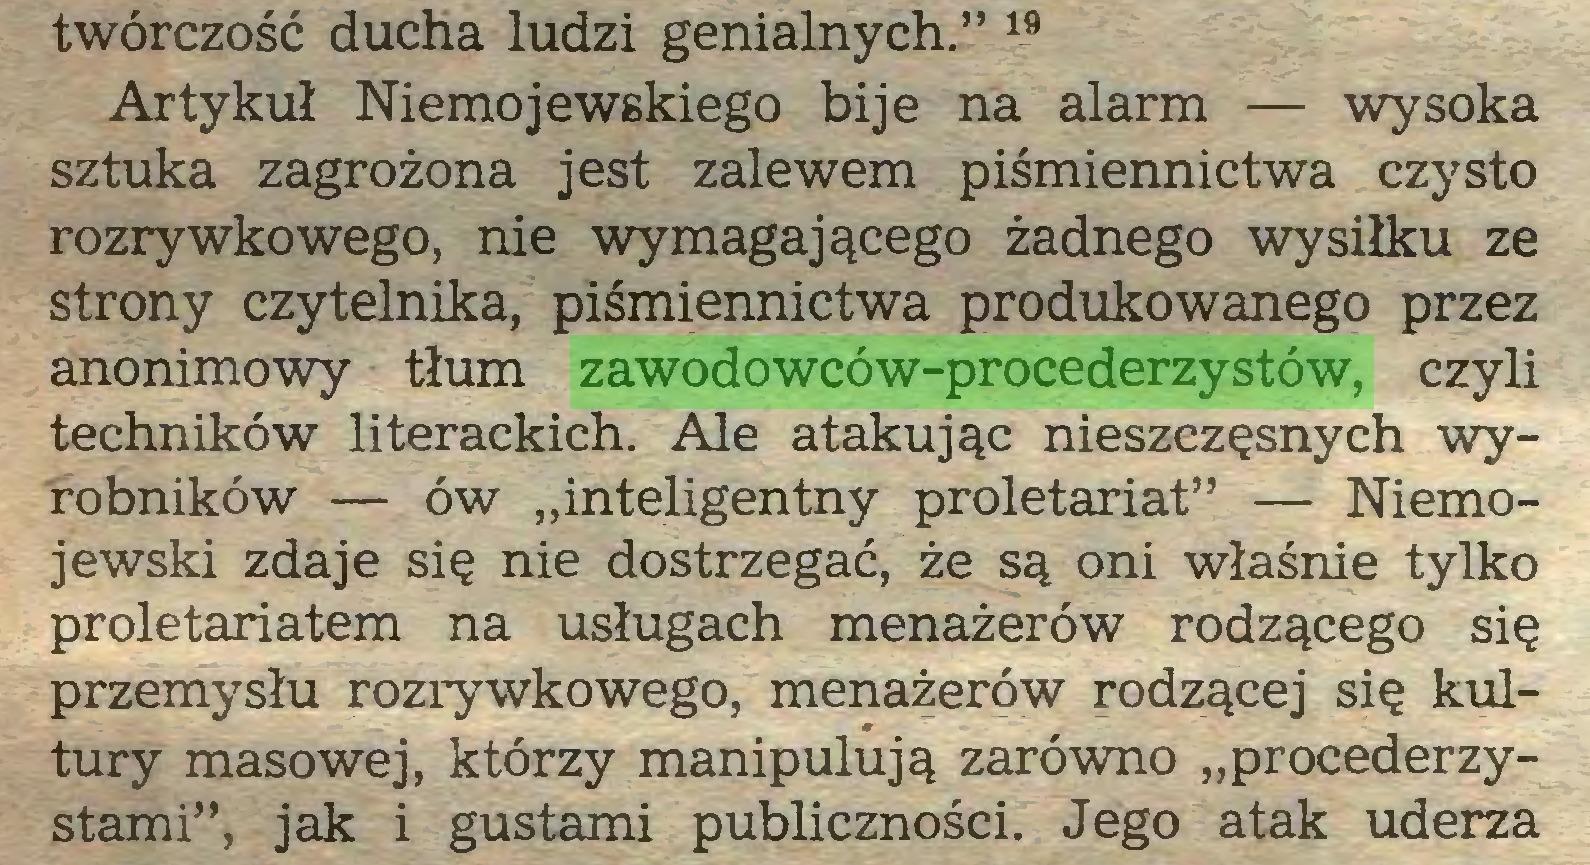 """(...) twórczość ducha ludzi genialnych."""" 19 Artykuł Niemojewskiego bije na alarm — wysoka sztuka zagrożona jest zalewem piśmiennictwa czysto rozrywkowego, nie wymagającego żadnego wysiłku ze strony czytelnika, piśmiennictwa produkowanego przez anonimowy tłum zawodowców-procederzystów, czyli techników literackich. Ale atakując nieszczęsnych wyrobników — ów """"inteligentny proletariat"""" — Niemojewski zdaje się nie dostrzegać, że są oni właśnie tylko proletariatem na usługach menażerów rodzącego się przemysłu rozrywkowego, menażerów rodzącej się kultury masowej, którzy manipulują zarówno """"procederzystami"""", jak i gustami publiczności. Jego atak uderza..."""